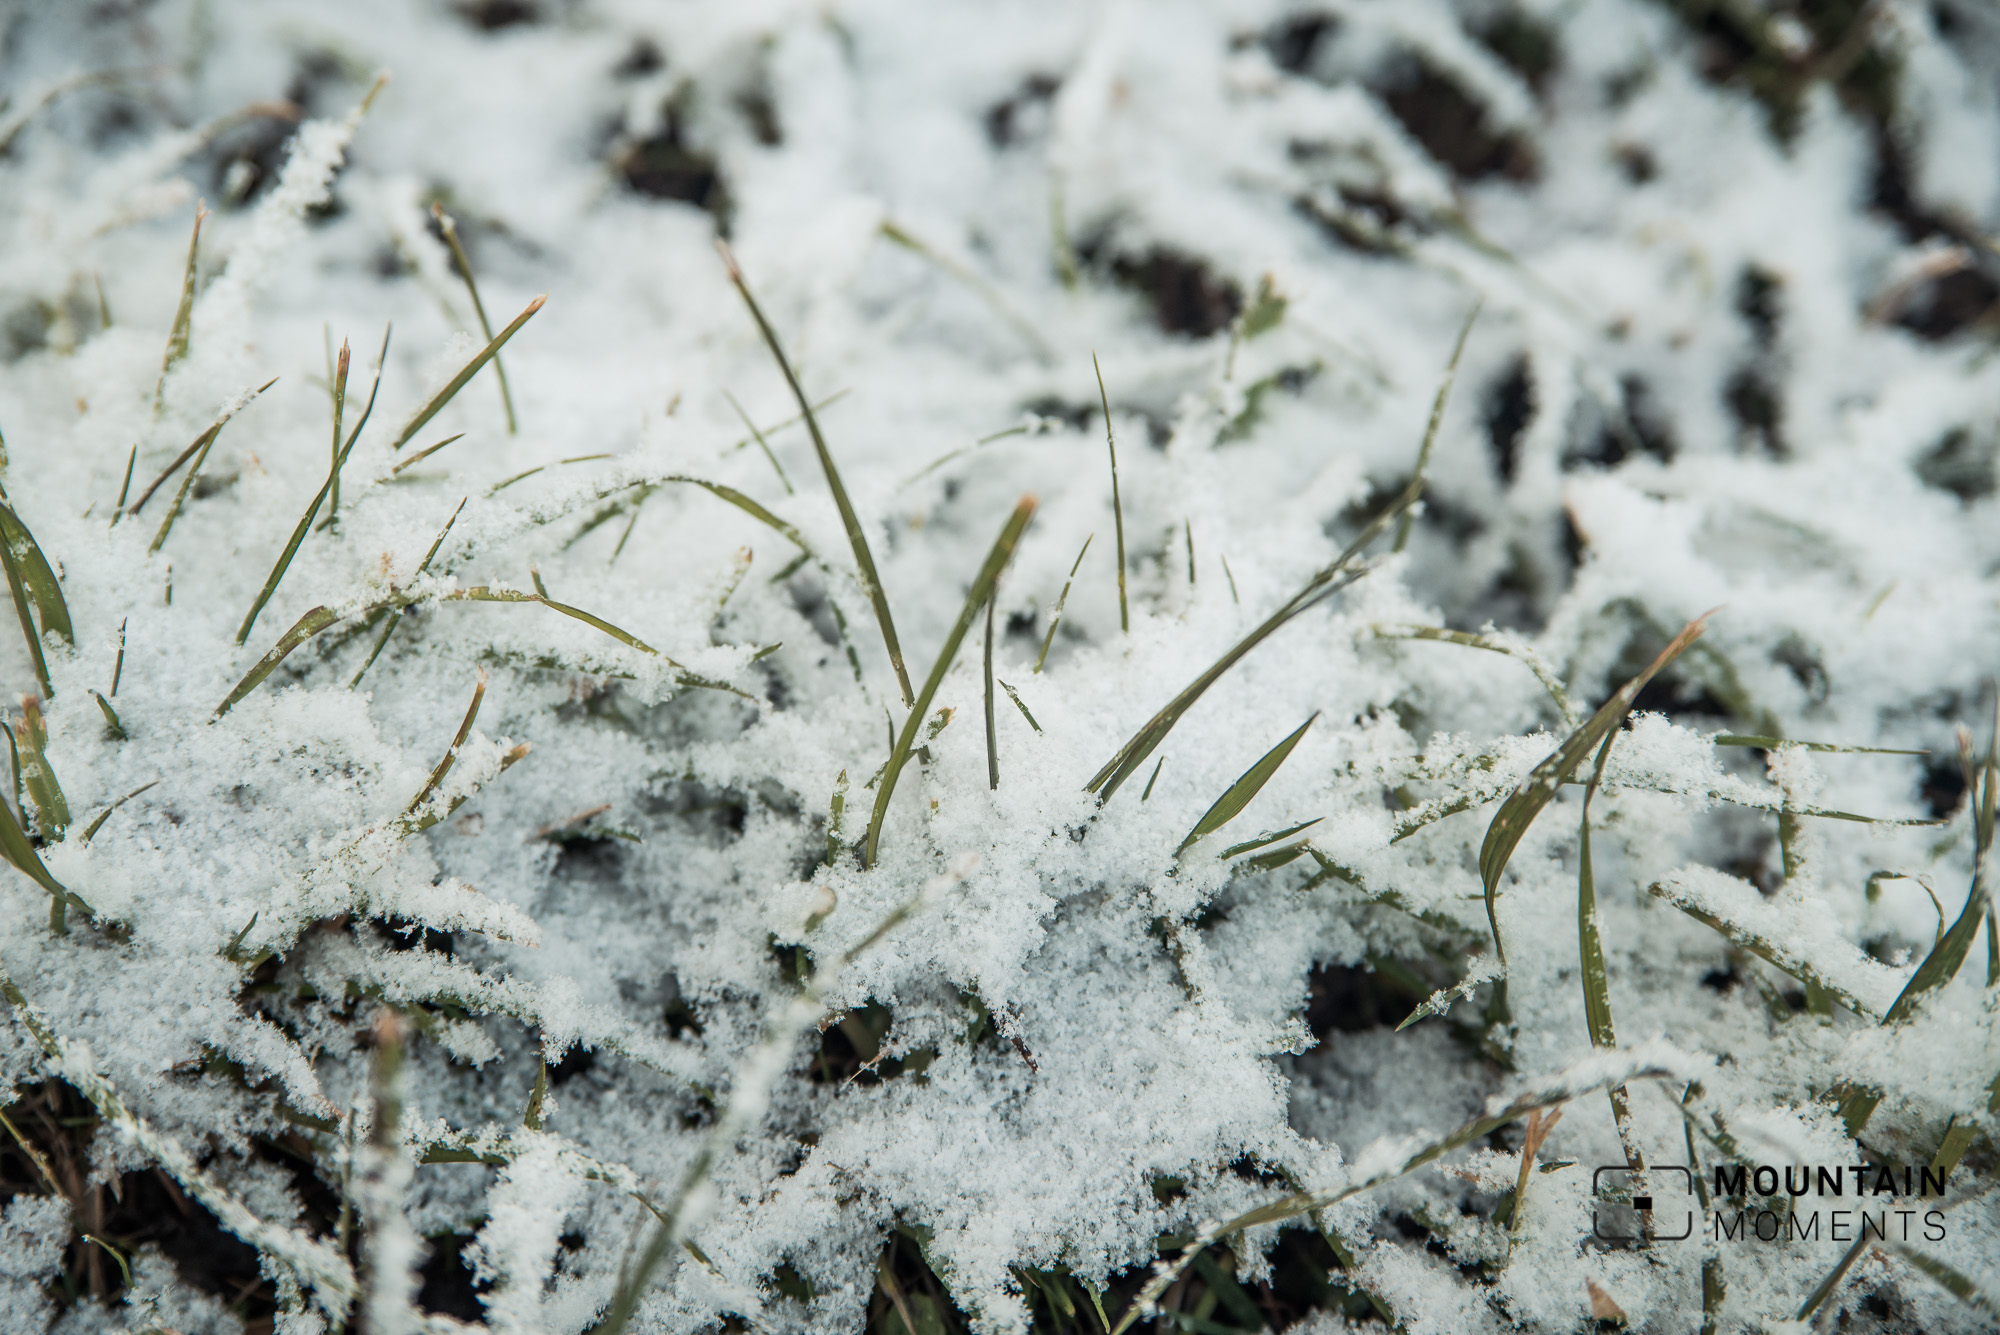 winterrunning, joggen im winter, laufen im winter, tipps joggen, tipps winterrunning, winter sport foto, winterlandschaft